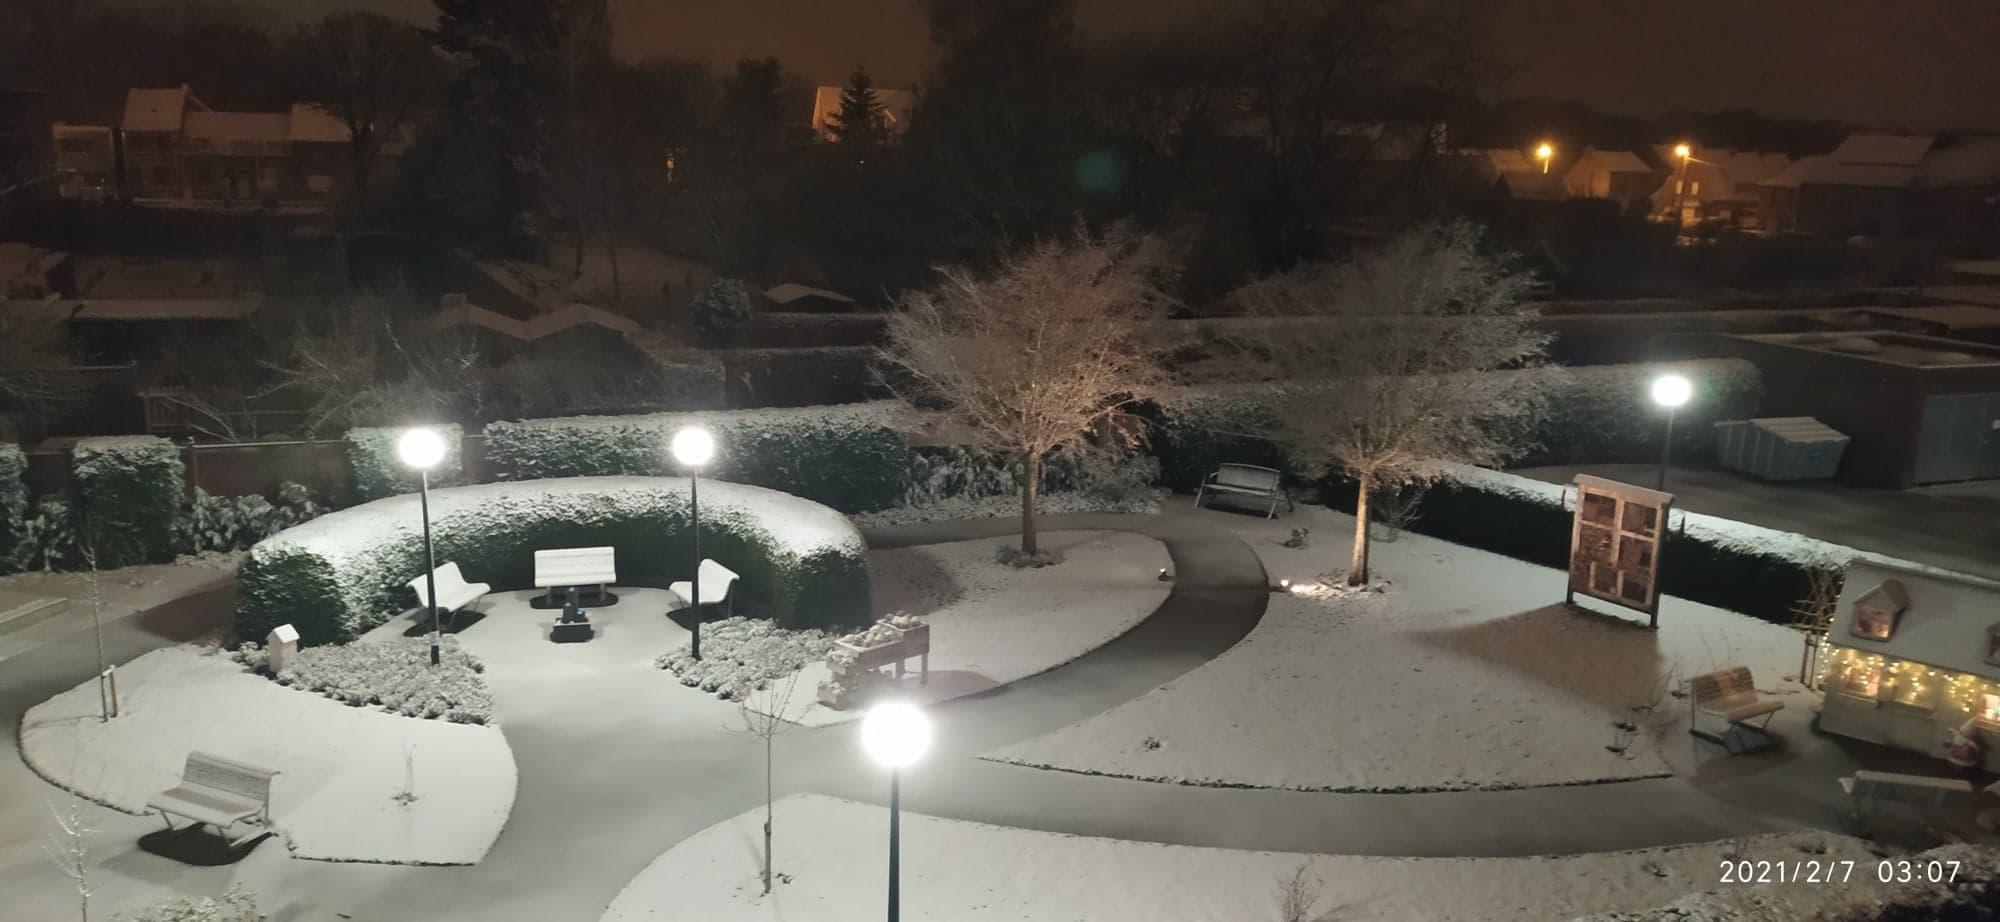 Let it snow! ❄❄❄